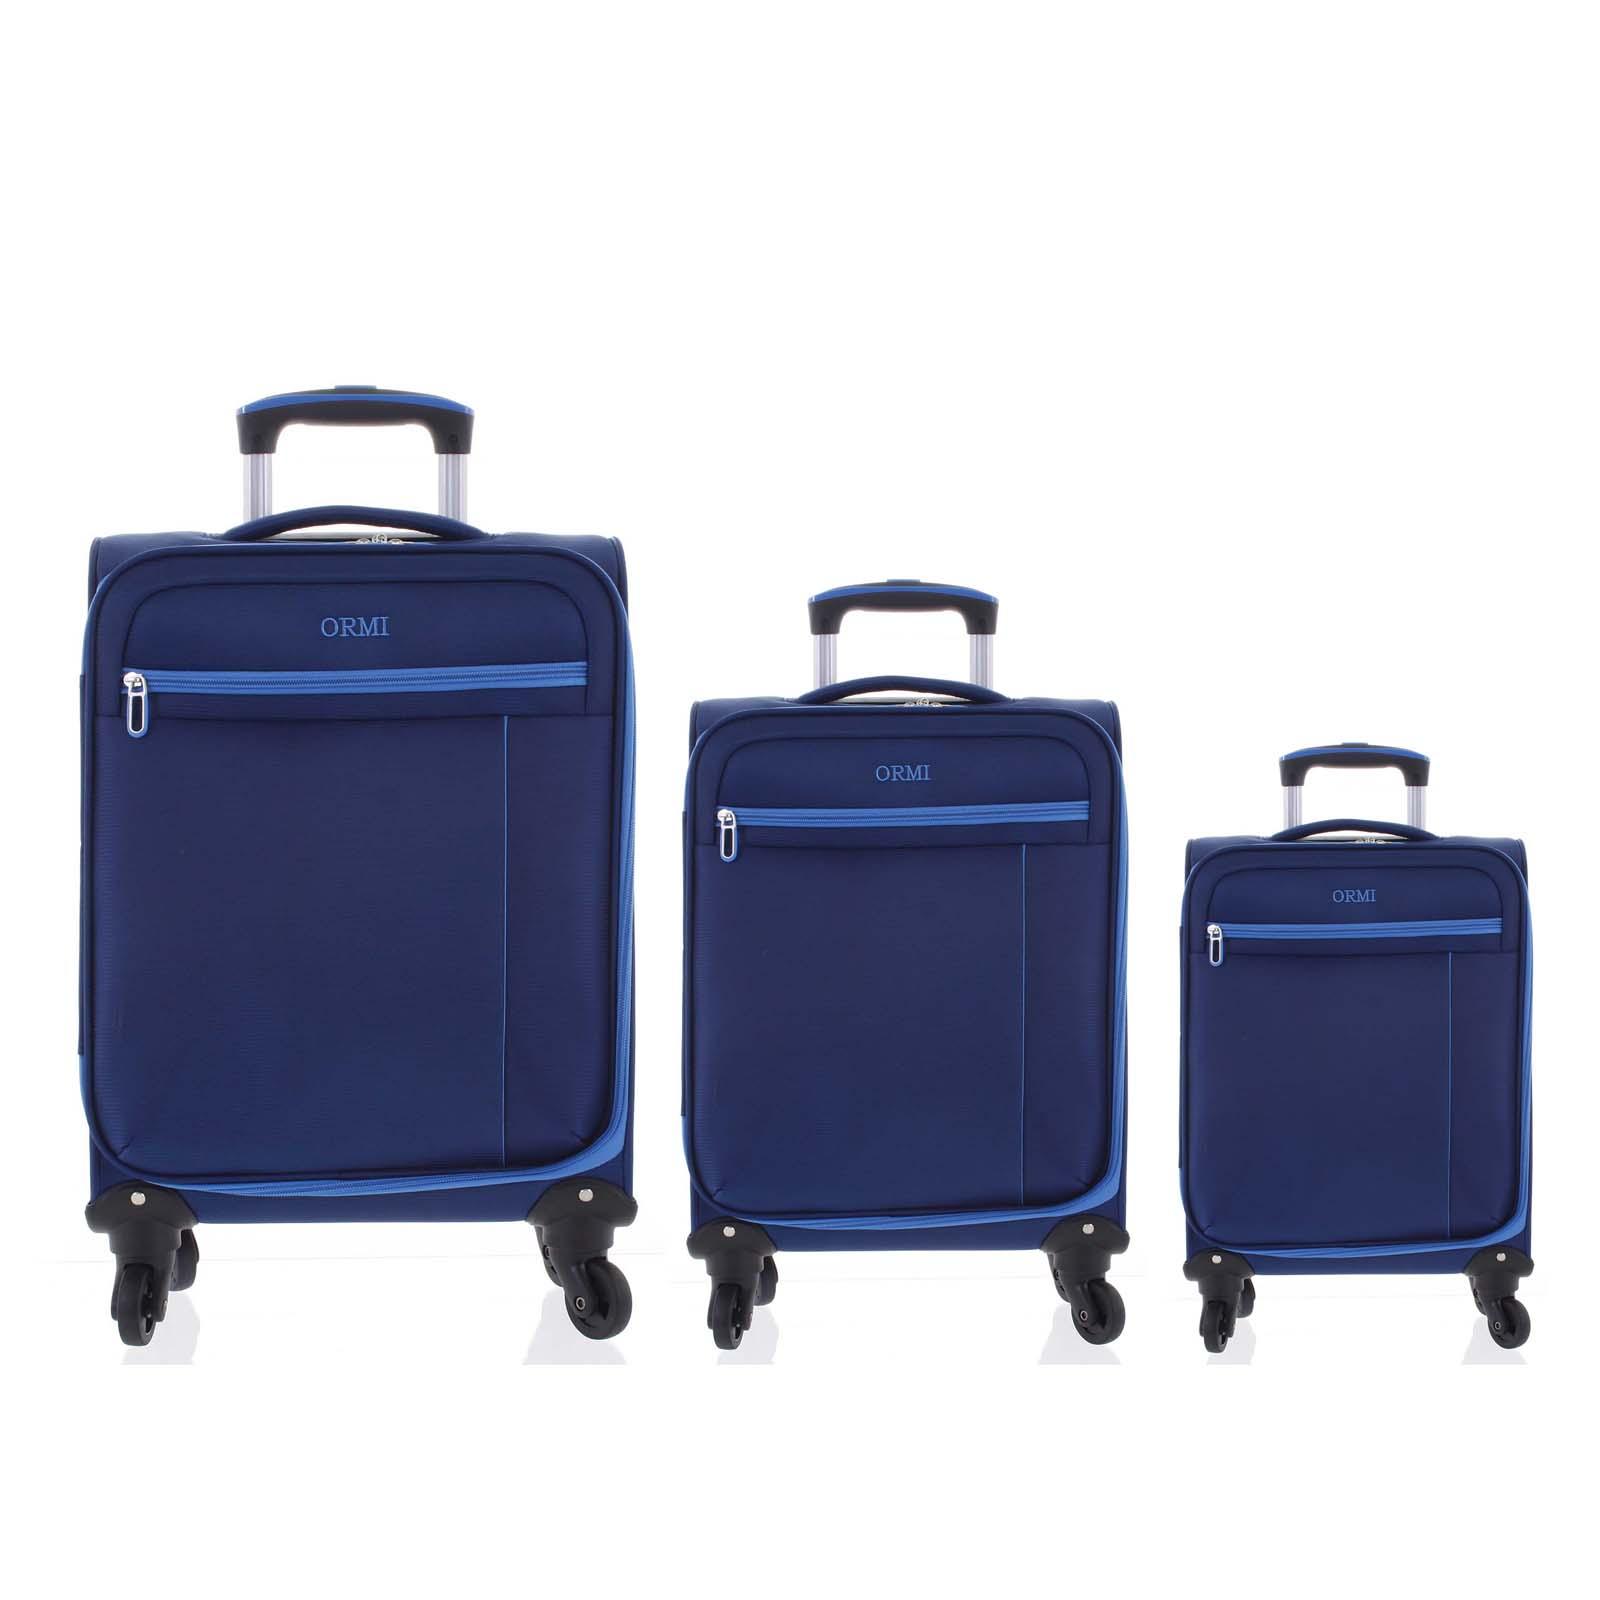 Kvalitní elegantní látkový modrý cestovní kufr sada - Ormi Mada L, M, S